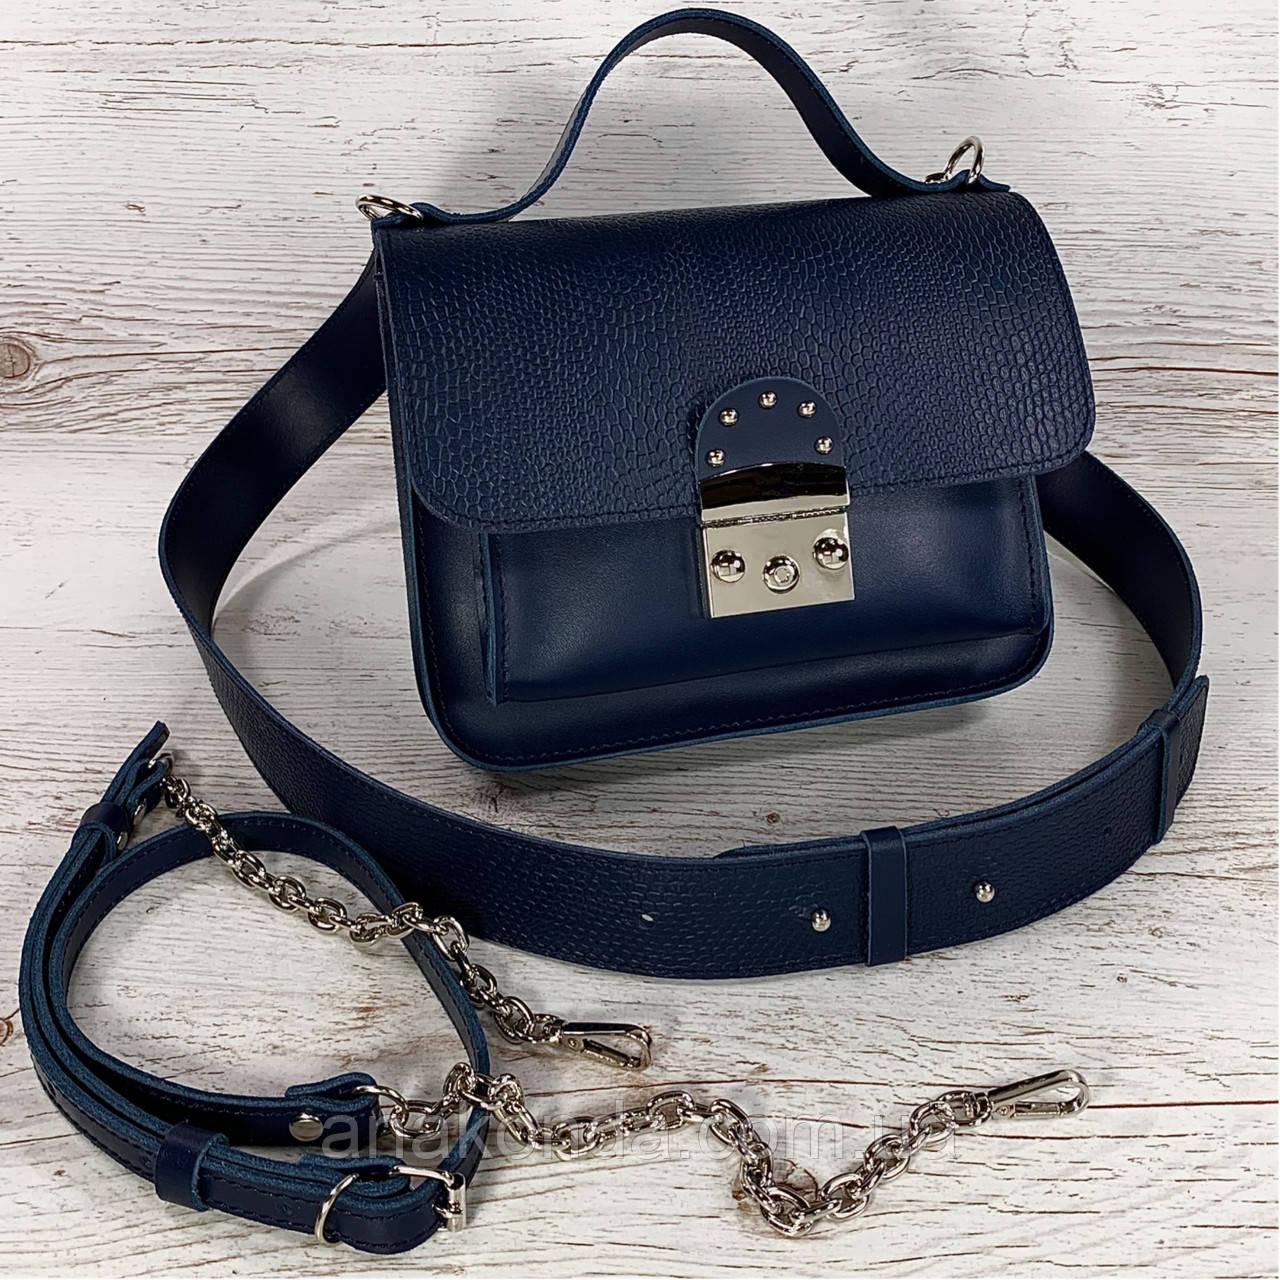 574-2-2р Натуральная кожаная синяя женская сумка кросс-боди с широким ремнем через плечо сумка женская